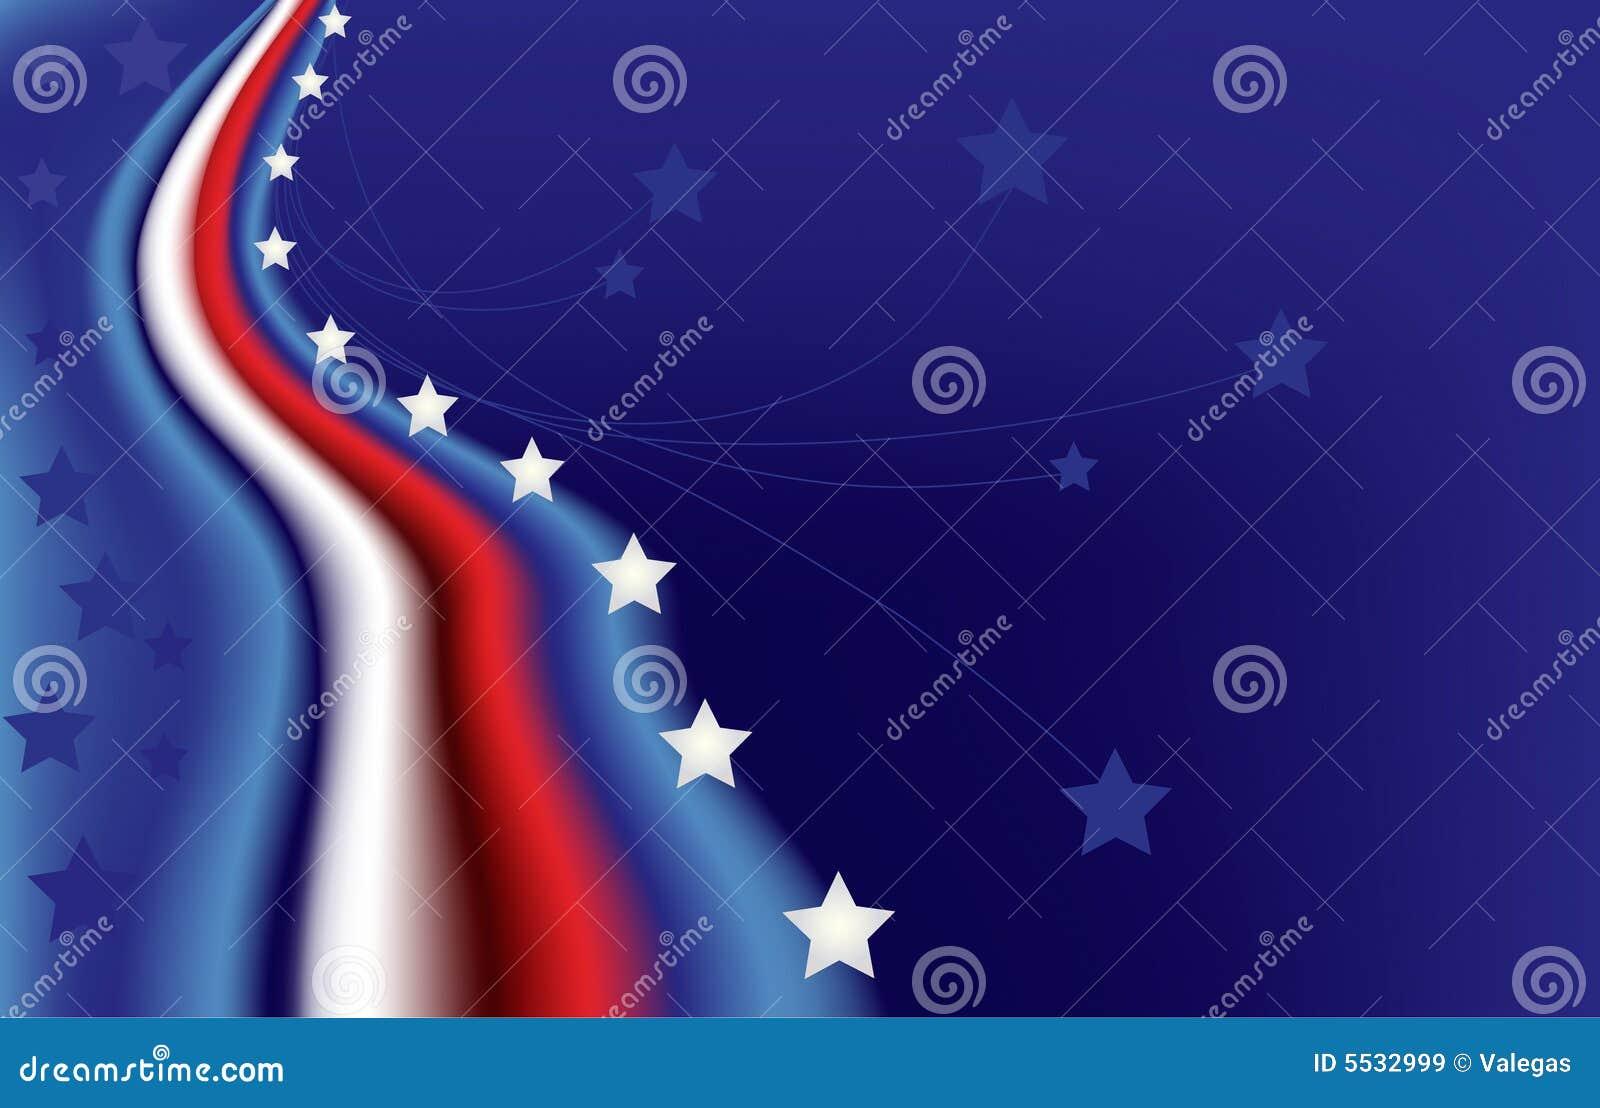 Bandera Star-spangled